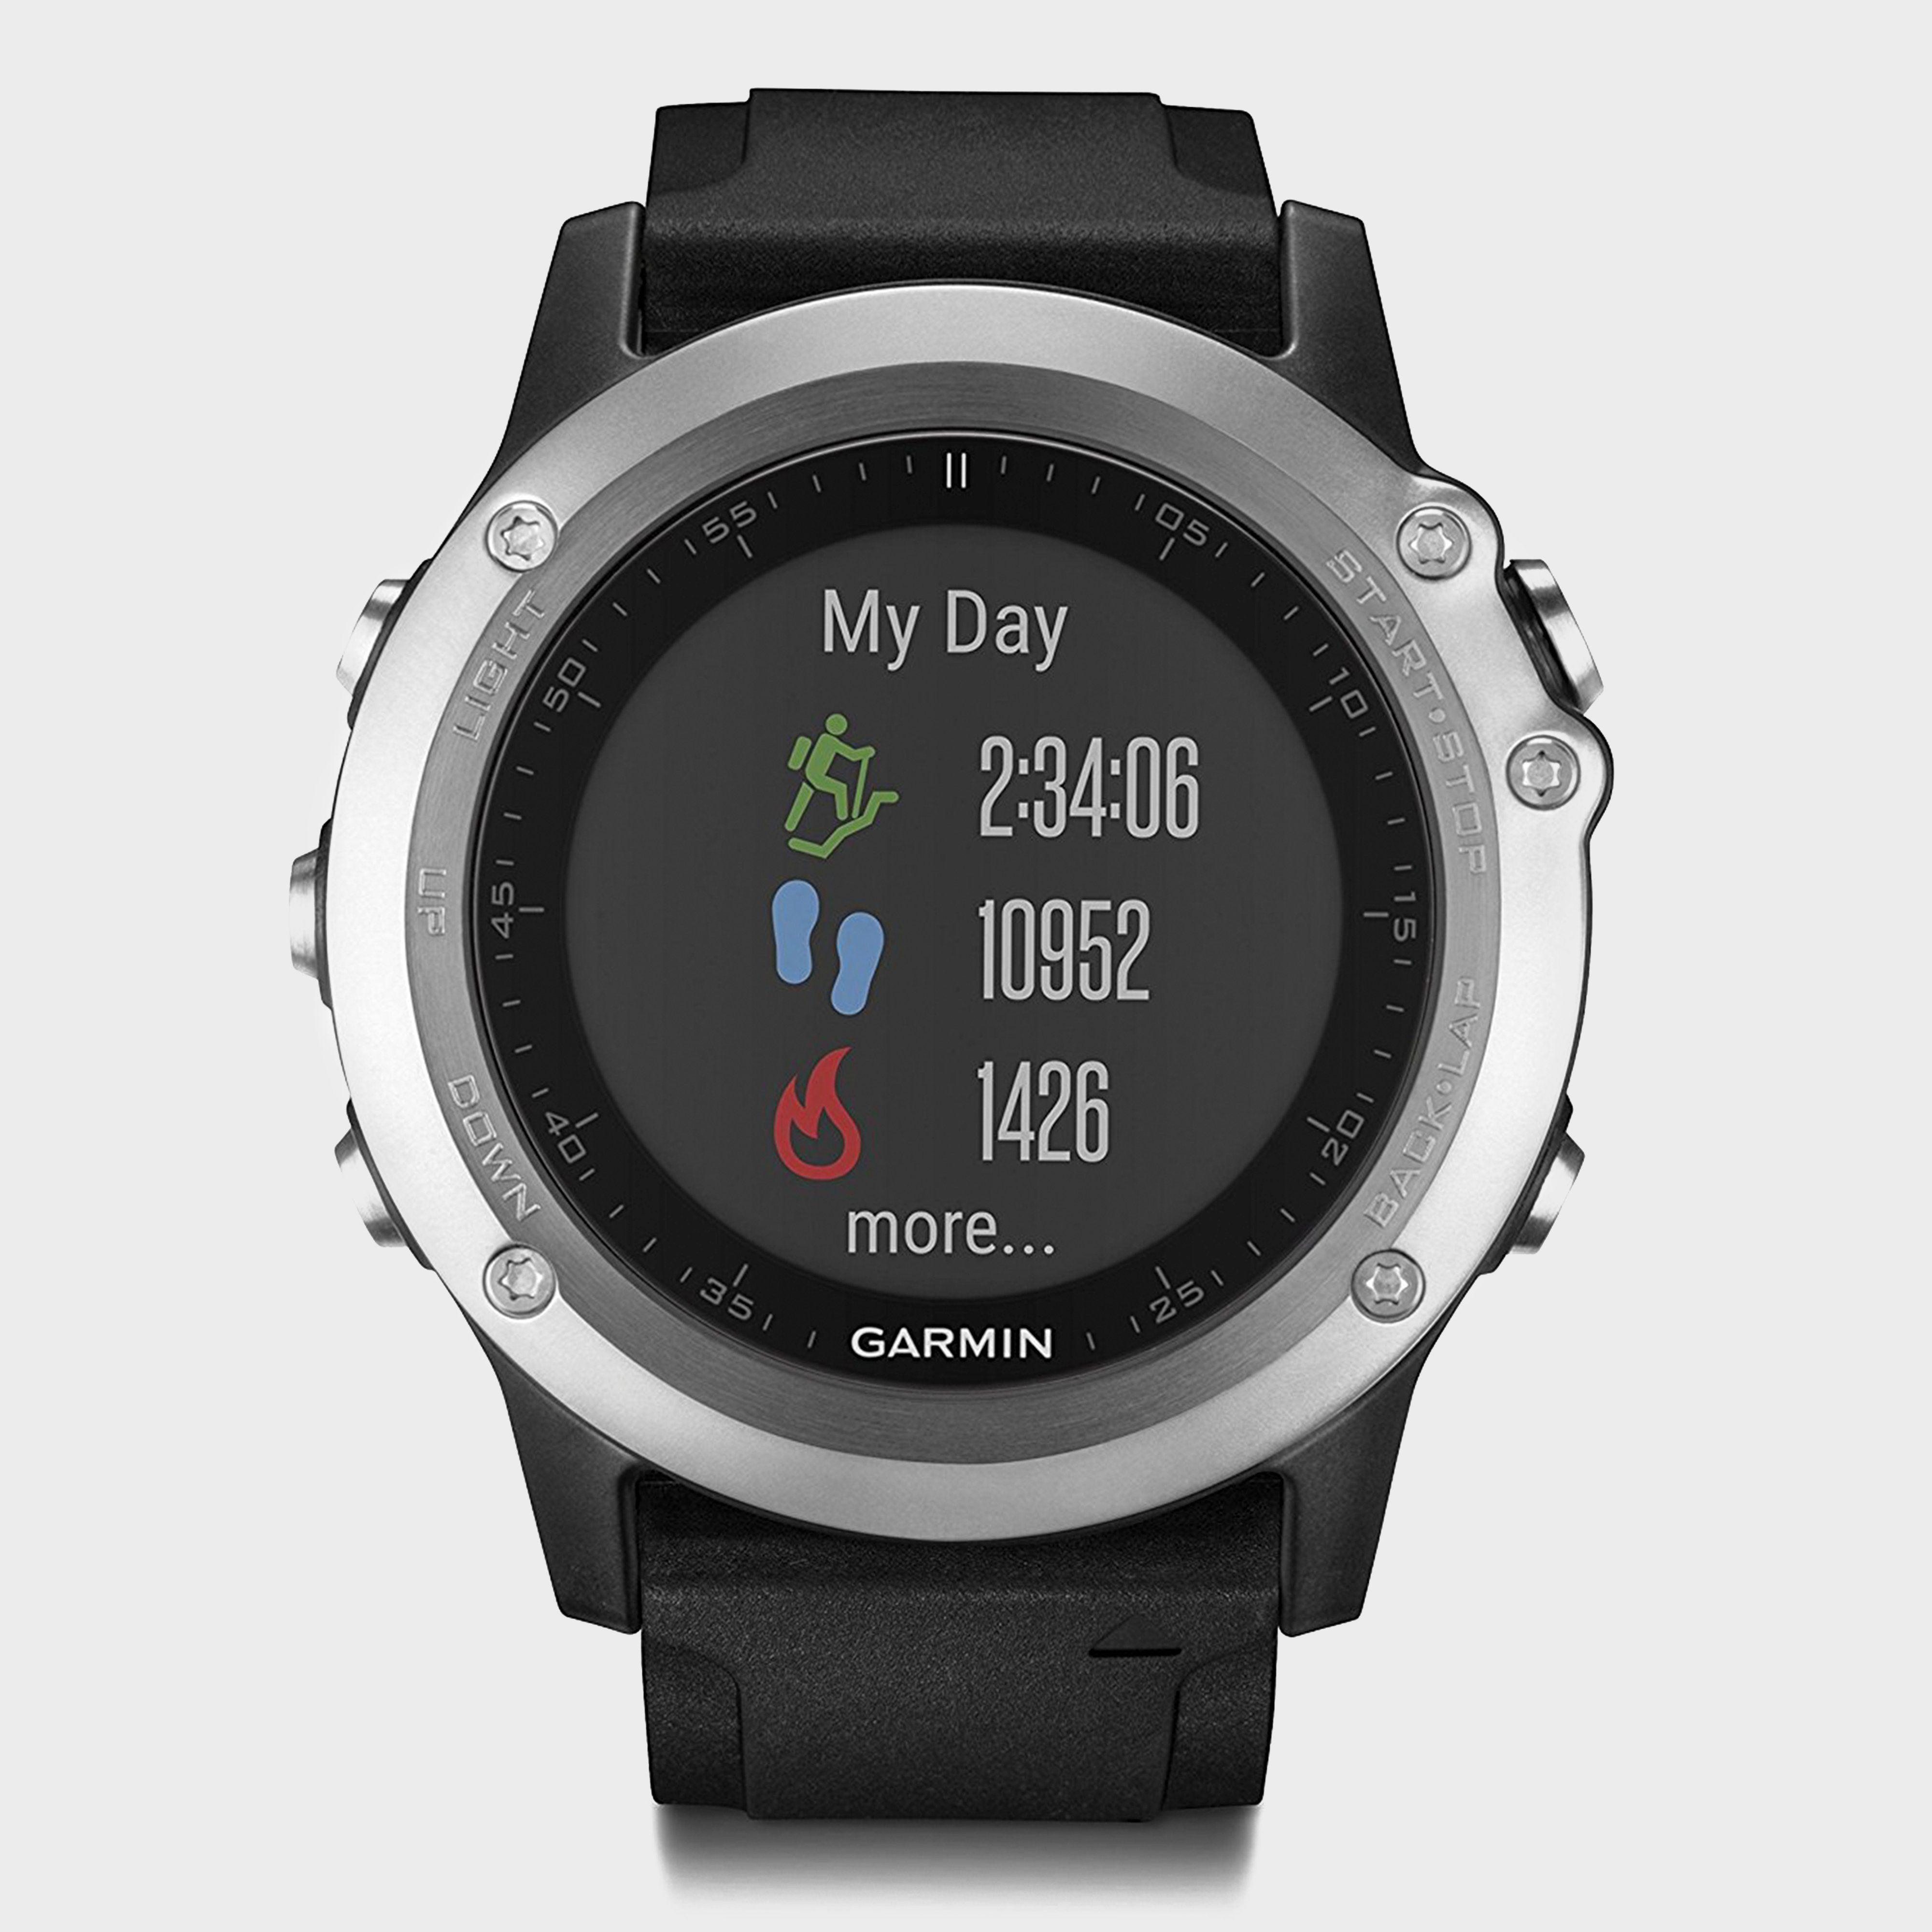 GARMIN fenix 3 Silver HR Watch